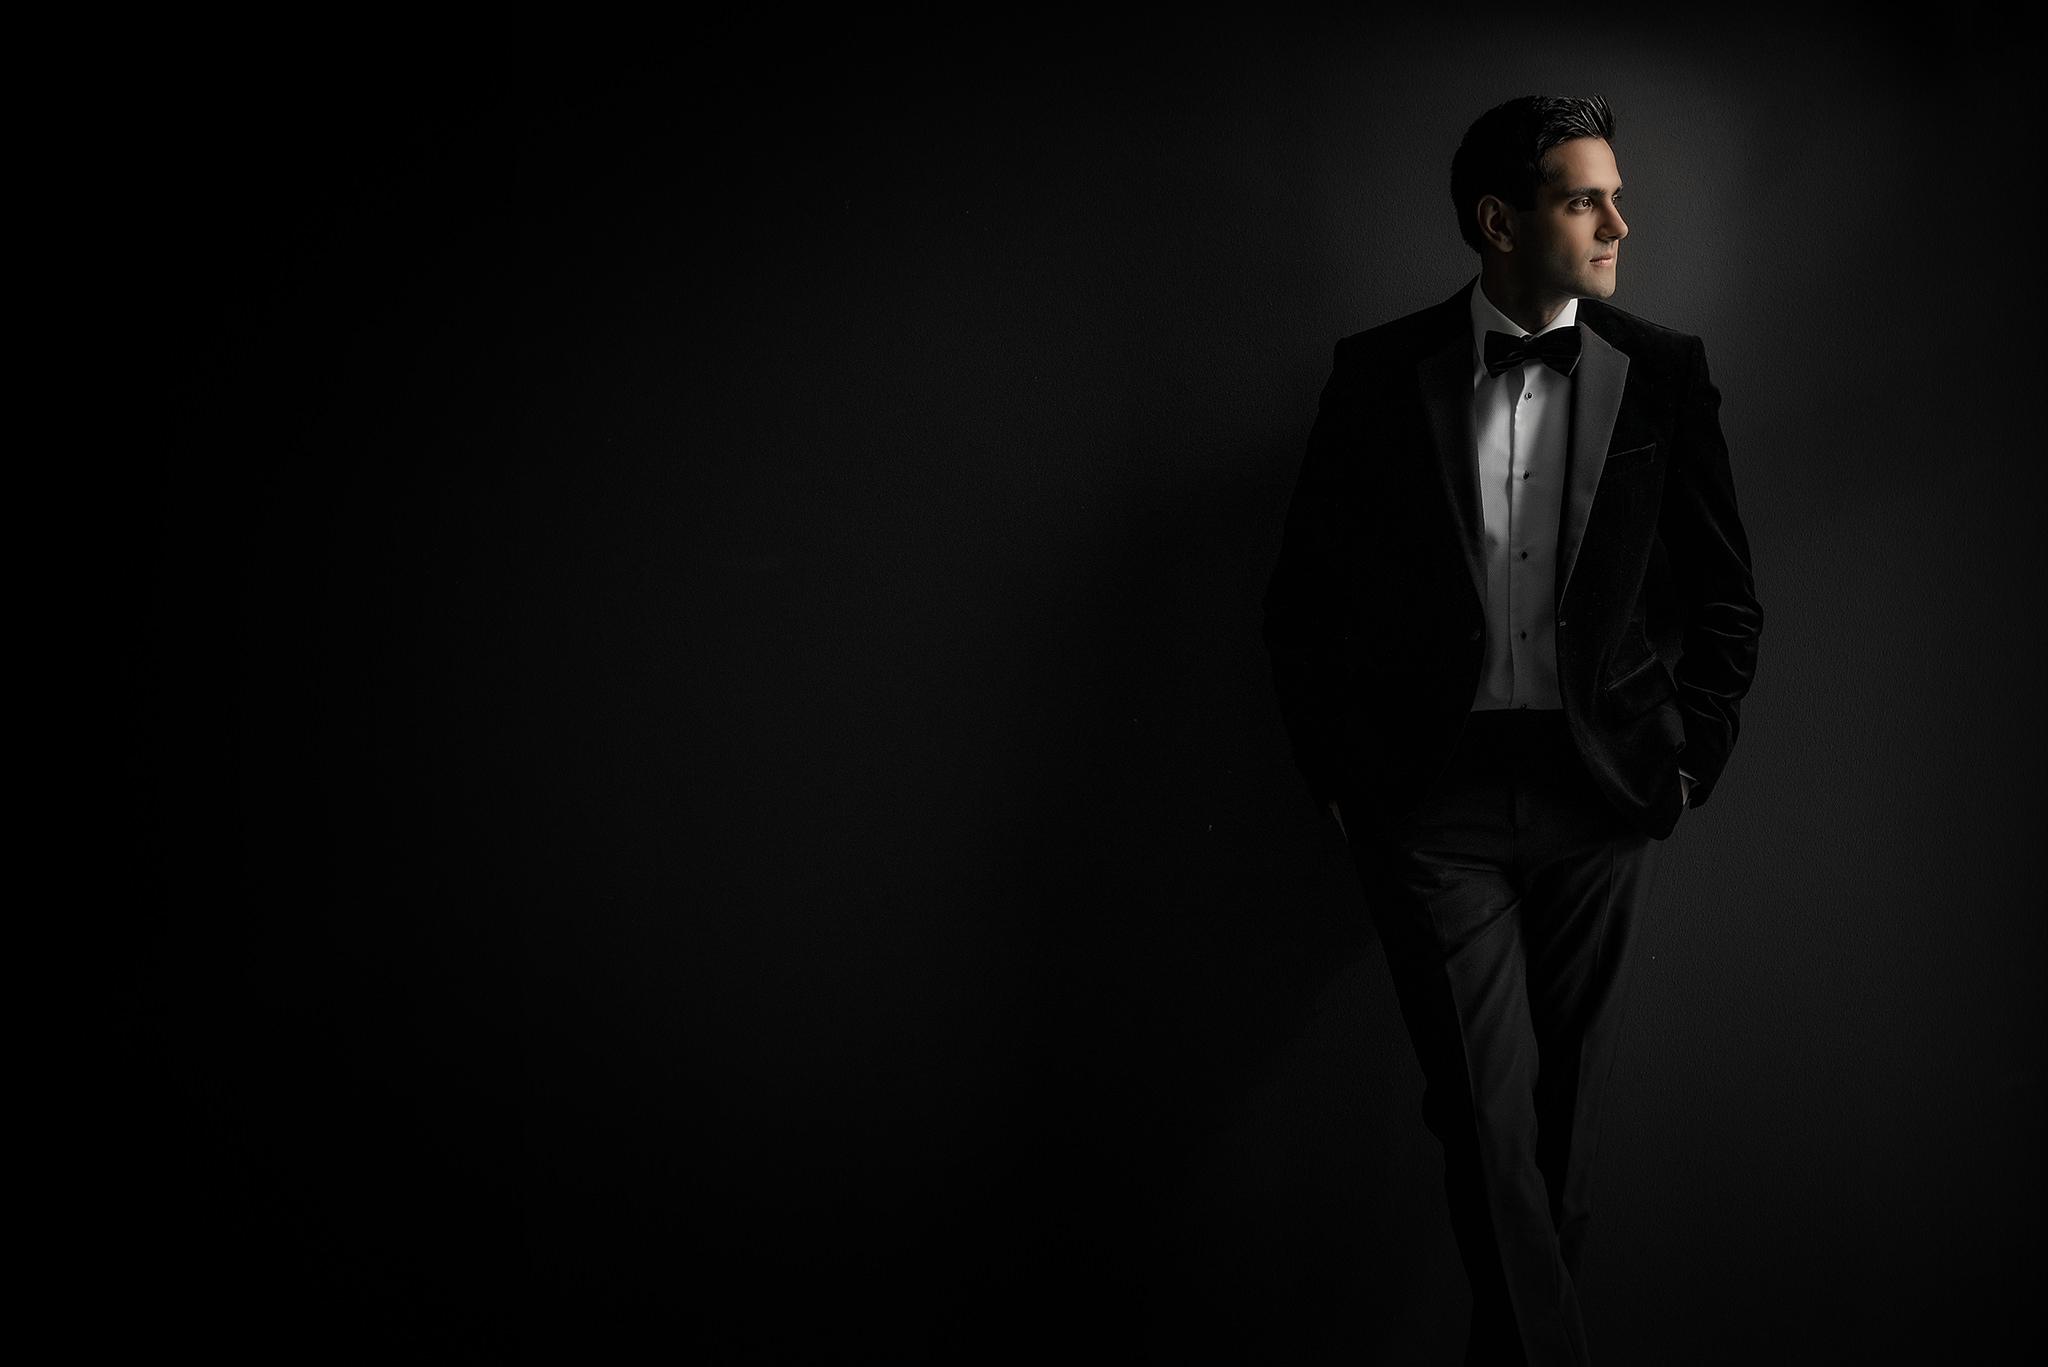 best-asian-wedding-photographer-london-didar-virdi-001